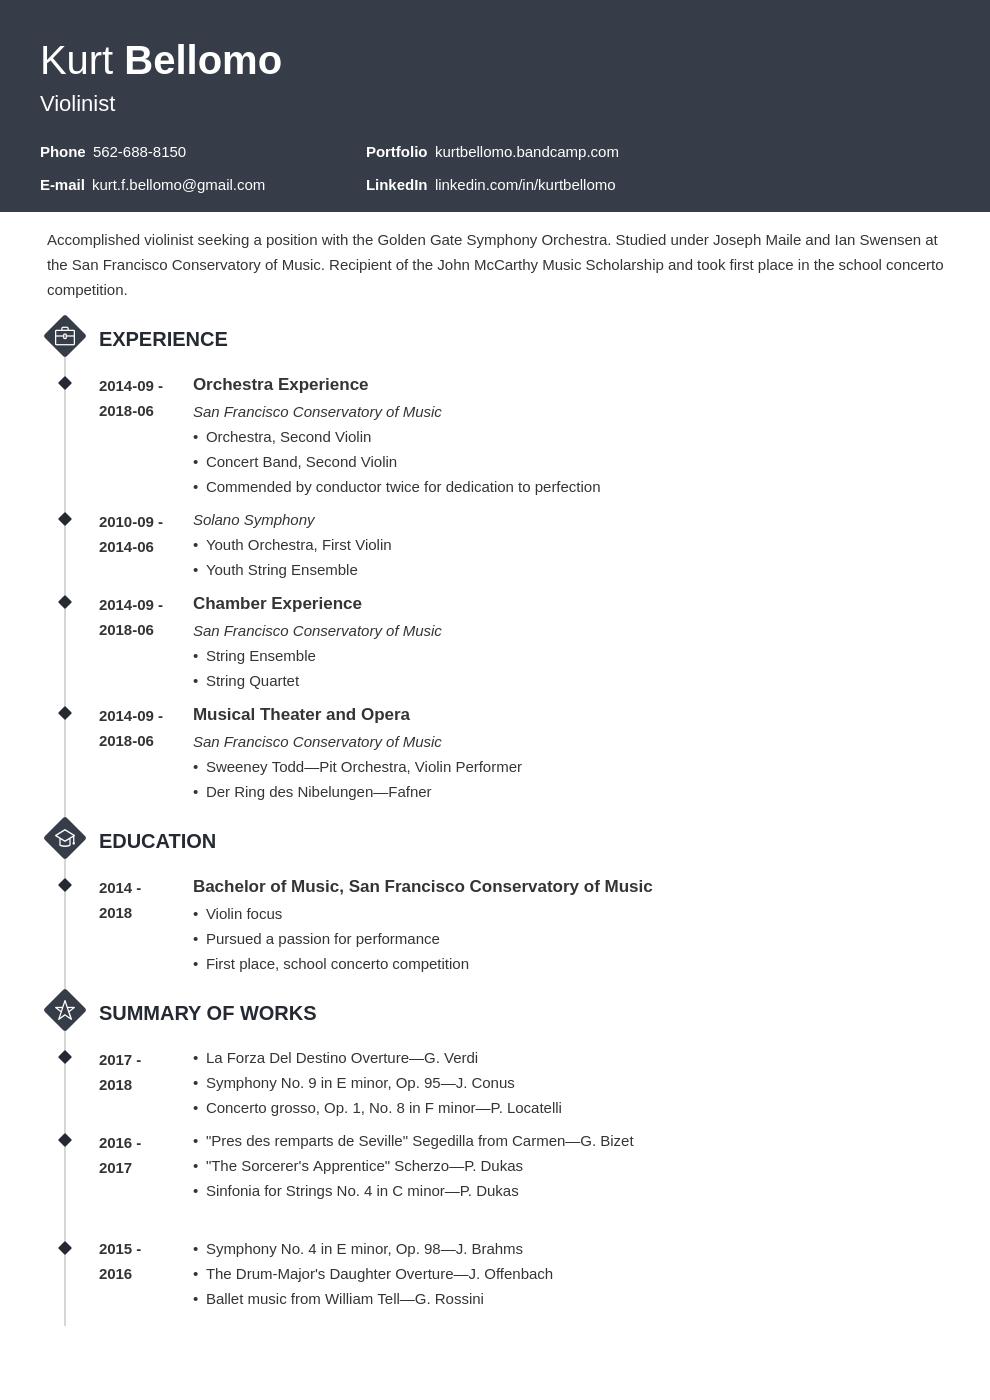 Music Resume Example Template Diamond Resume Examples Job Resume Examples Resume Template